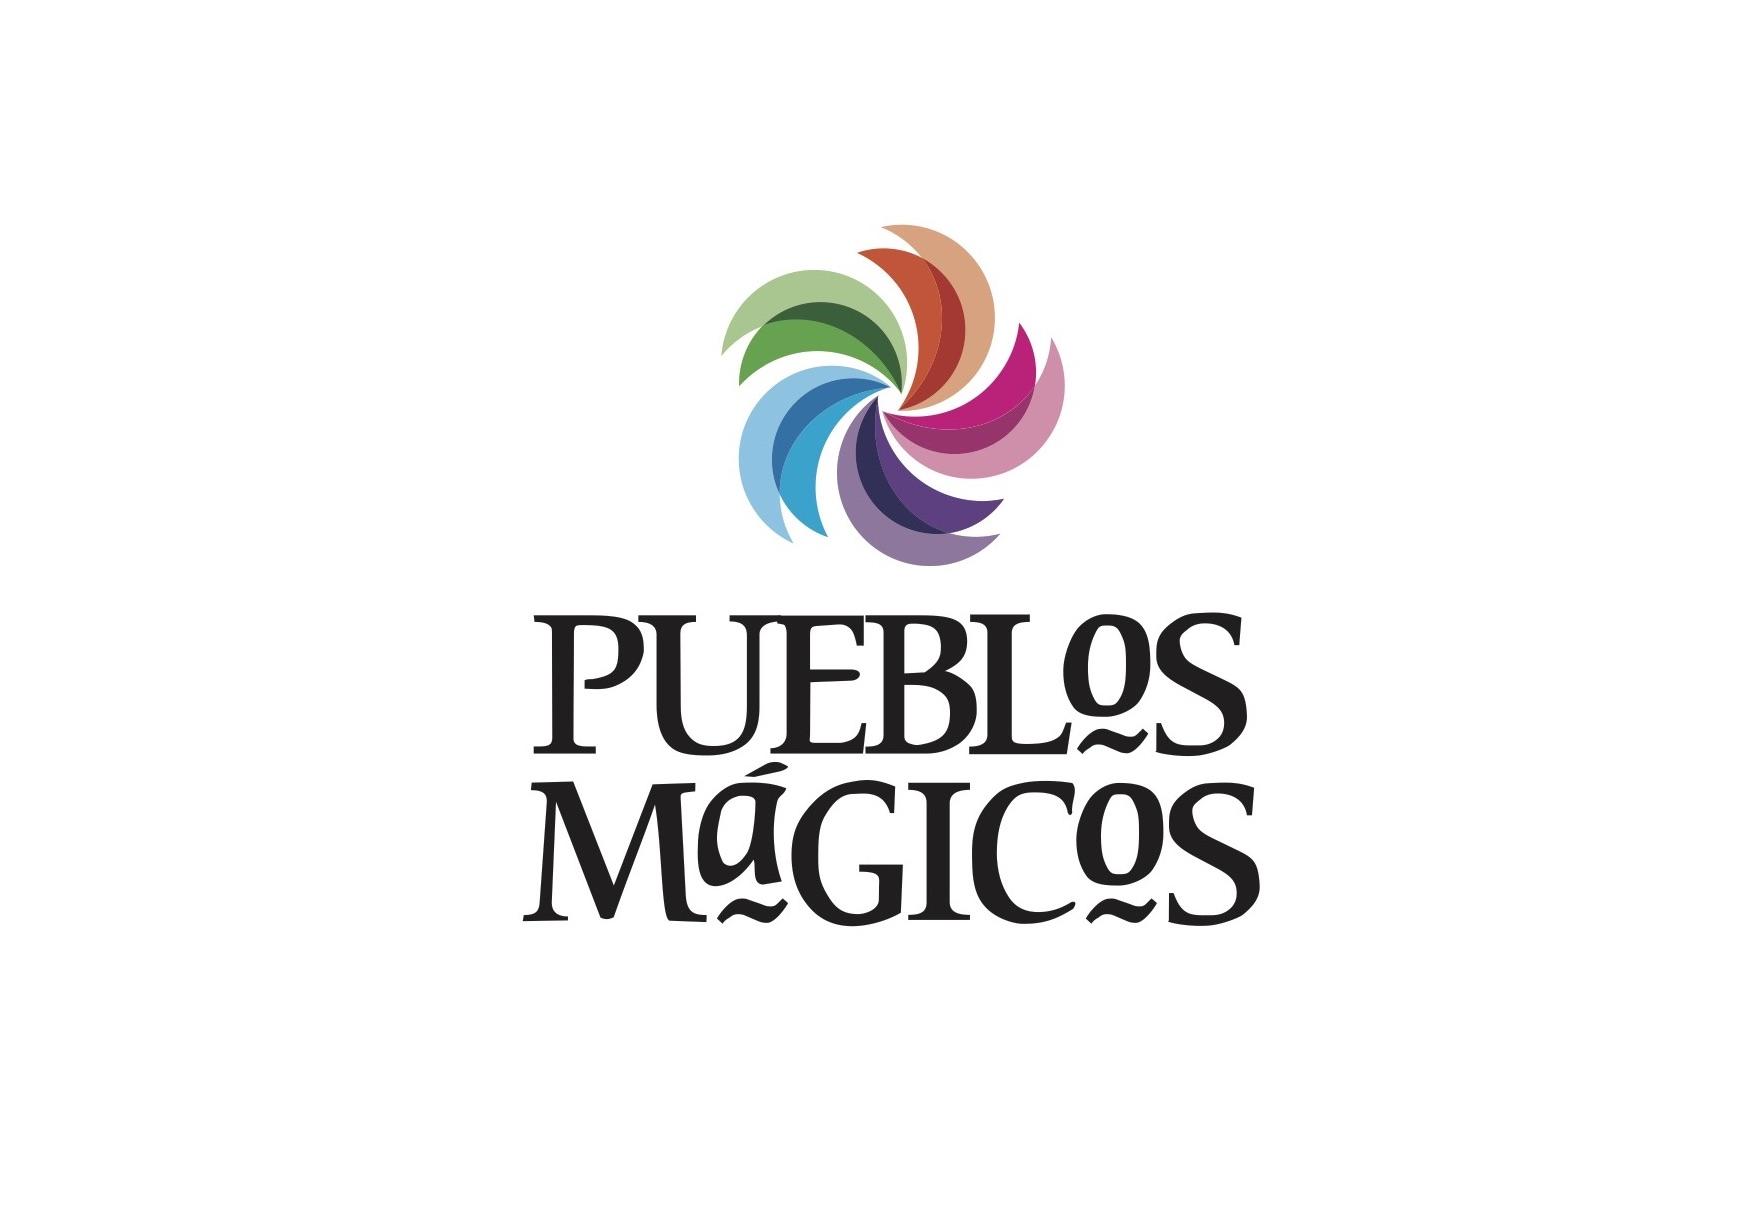 ¿Te preguntas que signifca el logo de Pueblos Mágicos? Aquí te decimos a que hace referencia cada uno de los colores del rehilete.